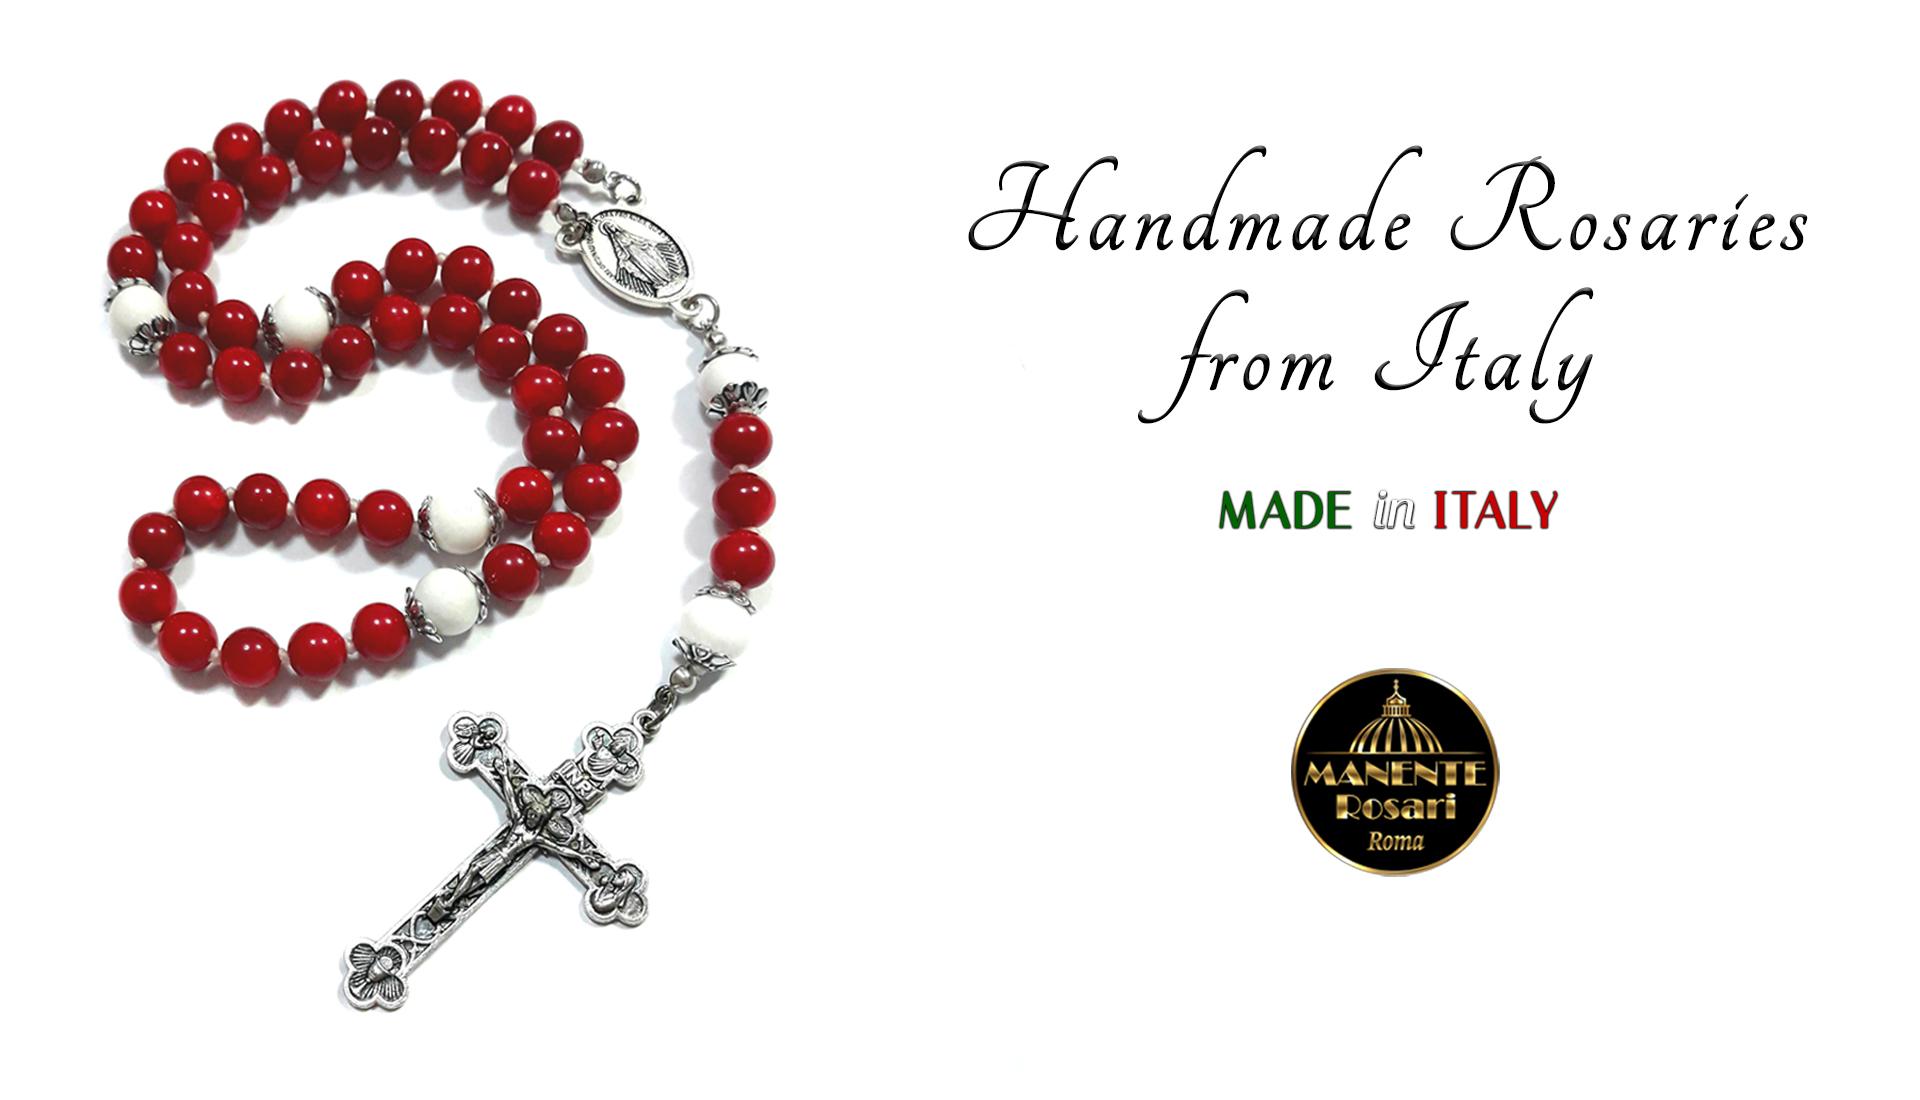 Handmade Catholic Rosaries from Italy